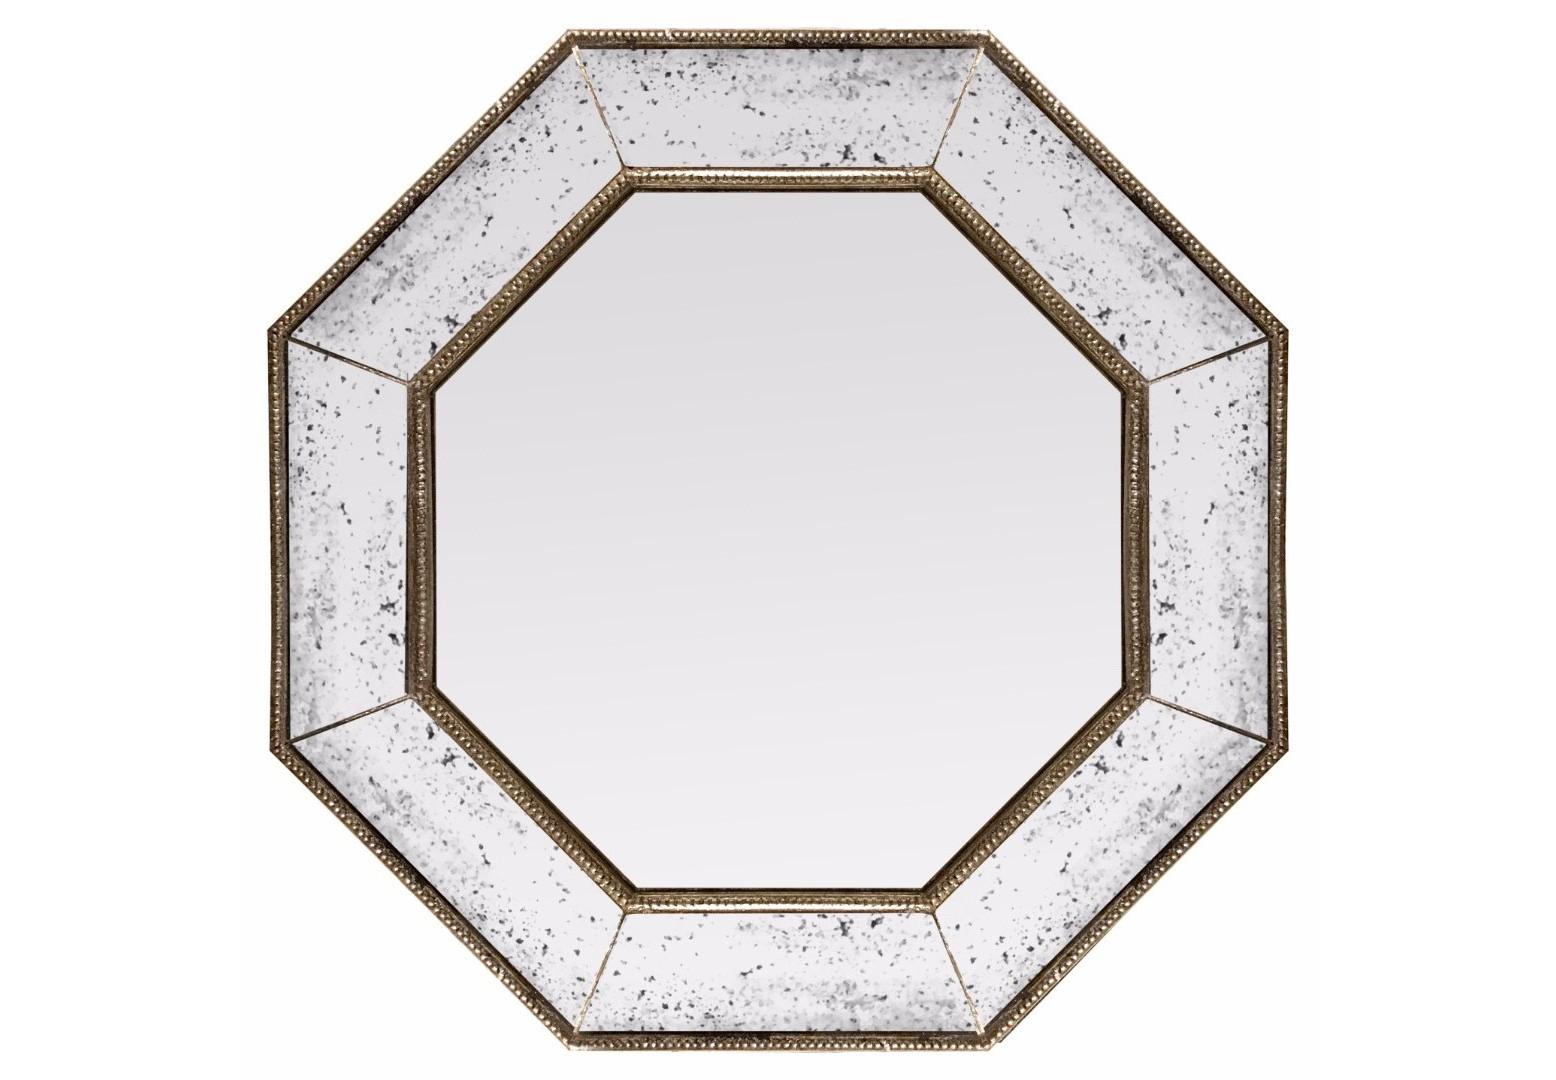 Зеркало AngeliqueНастенные зеркала<br>&amp;lt;div&amp;gt;Коллекции&amp;amp;nbsp;&amp;lt;span style=&amp;quot;font-size: 14px;&amp;quot;&amp;gt;B-Home&amp;amp;nbsp;&amp;lt;/span&amp;gt;– это дизайнерские зеркала, зеркальная мебель и предметы интерьера. Все изделия от и до мы создаем сами в нашей мастерской. Каждое – это уникальное произведение, арт-объект со своей историей и мелодией. Мы следим за современными трендами, лично отбираем лучшие материалы и каждый день трудимся над созданием новых шедевров, которые будут радовать вас. Если вы ищете что-то действительно качественное, стоящее и эксклюзивное, что сделано с душой и руками человека, B-Home придется вам по вкусу!&amp;amp;nbsp;&amp;lt;/div&amp;gt;&amp;lt;div&amp;gt;&amp;lt;br&amp;gt;&amp;lt;/div&amp;gt;&amp;lt;div&amp;gt;Возможно изготовление по Вашим цветам и размерам.&amp;lt;/div&amp;gt;&amp;lt;div&amp;gt;&amp;lt;br&amp;gt;&amp;lt;/div&amp;gt;<br><br>Material: Дерево<br>Ширина см: 64.0<br>Высота см: 64.0<br>Глубина см: 5.0